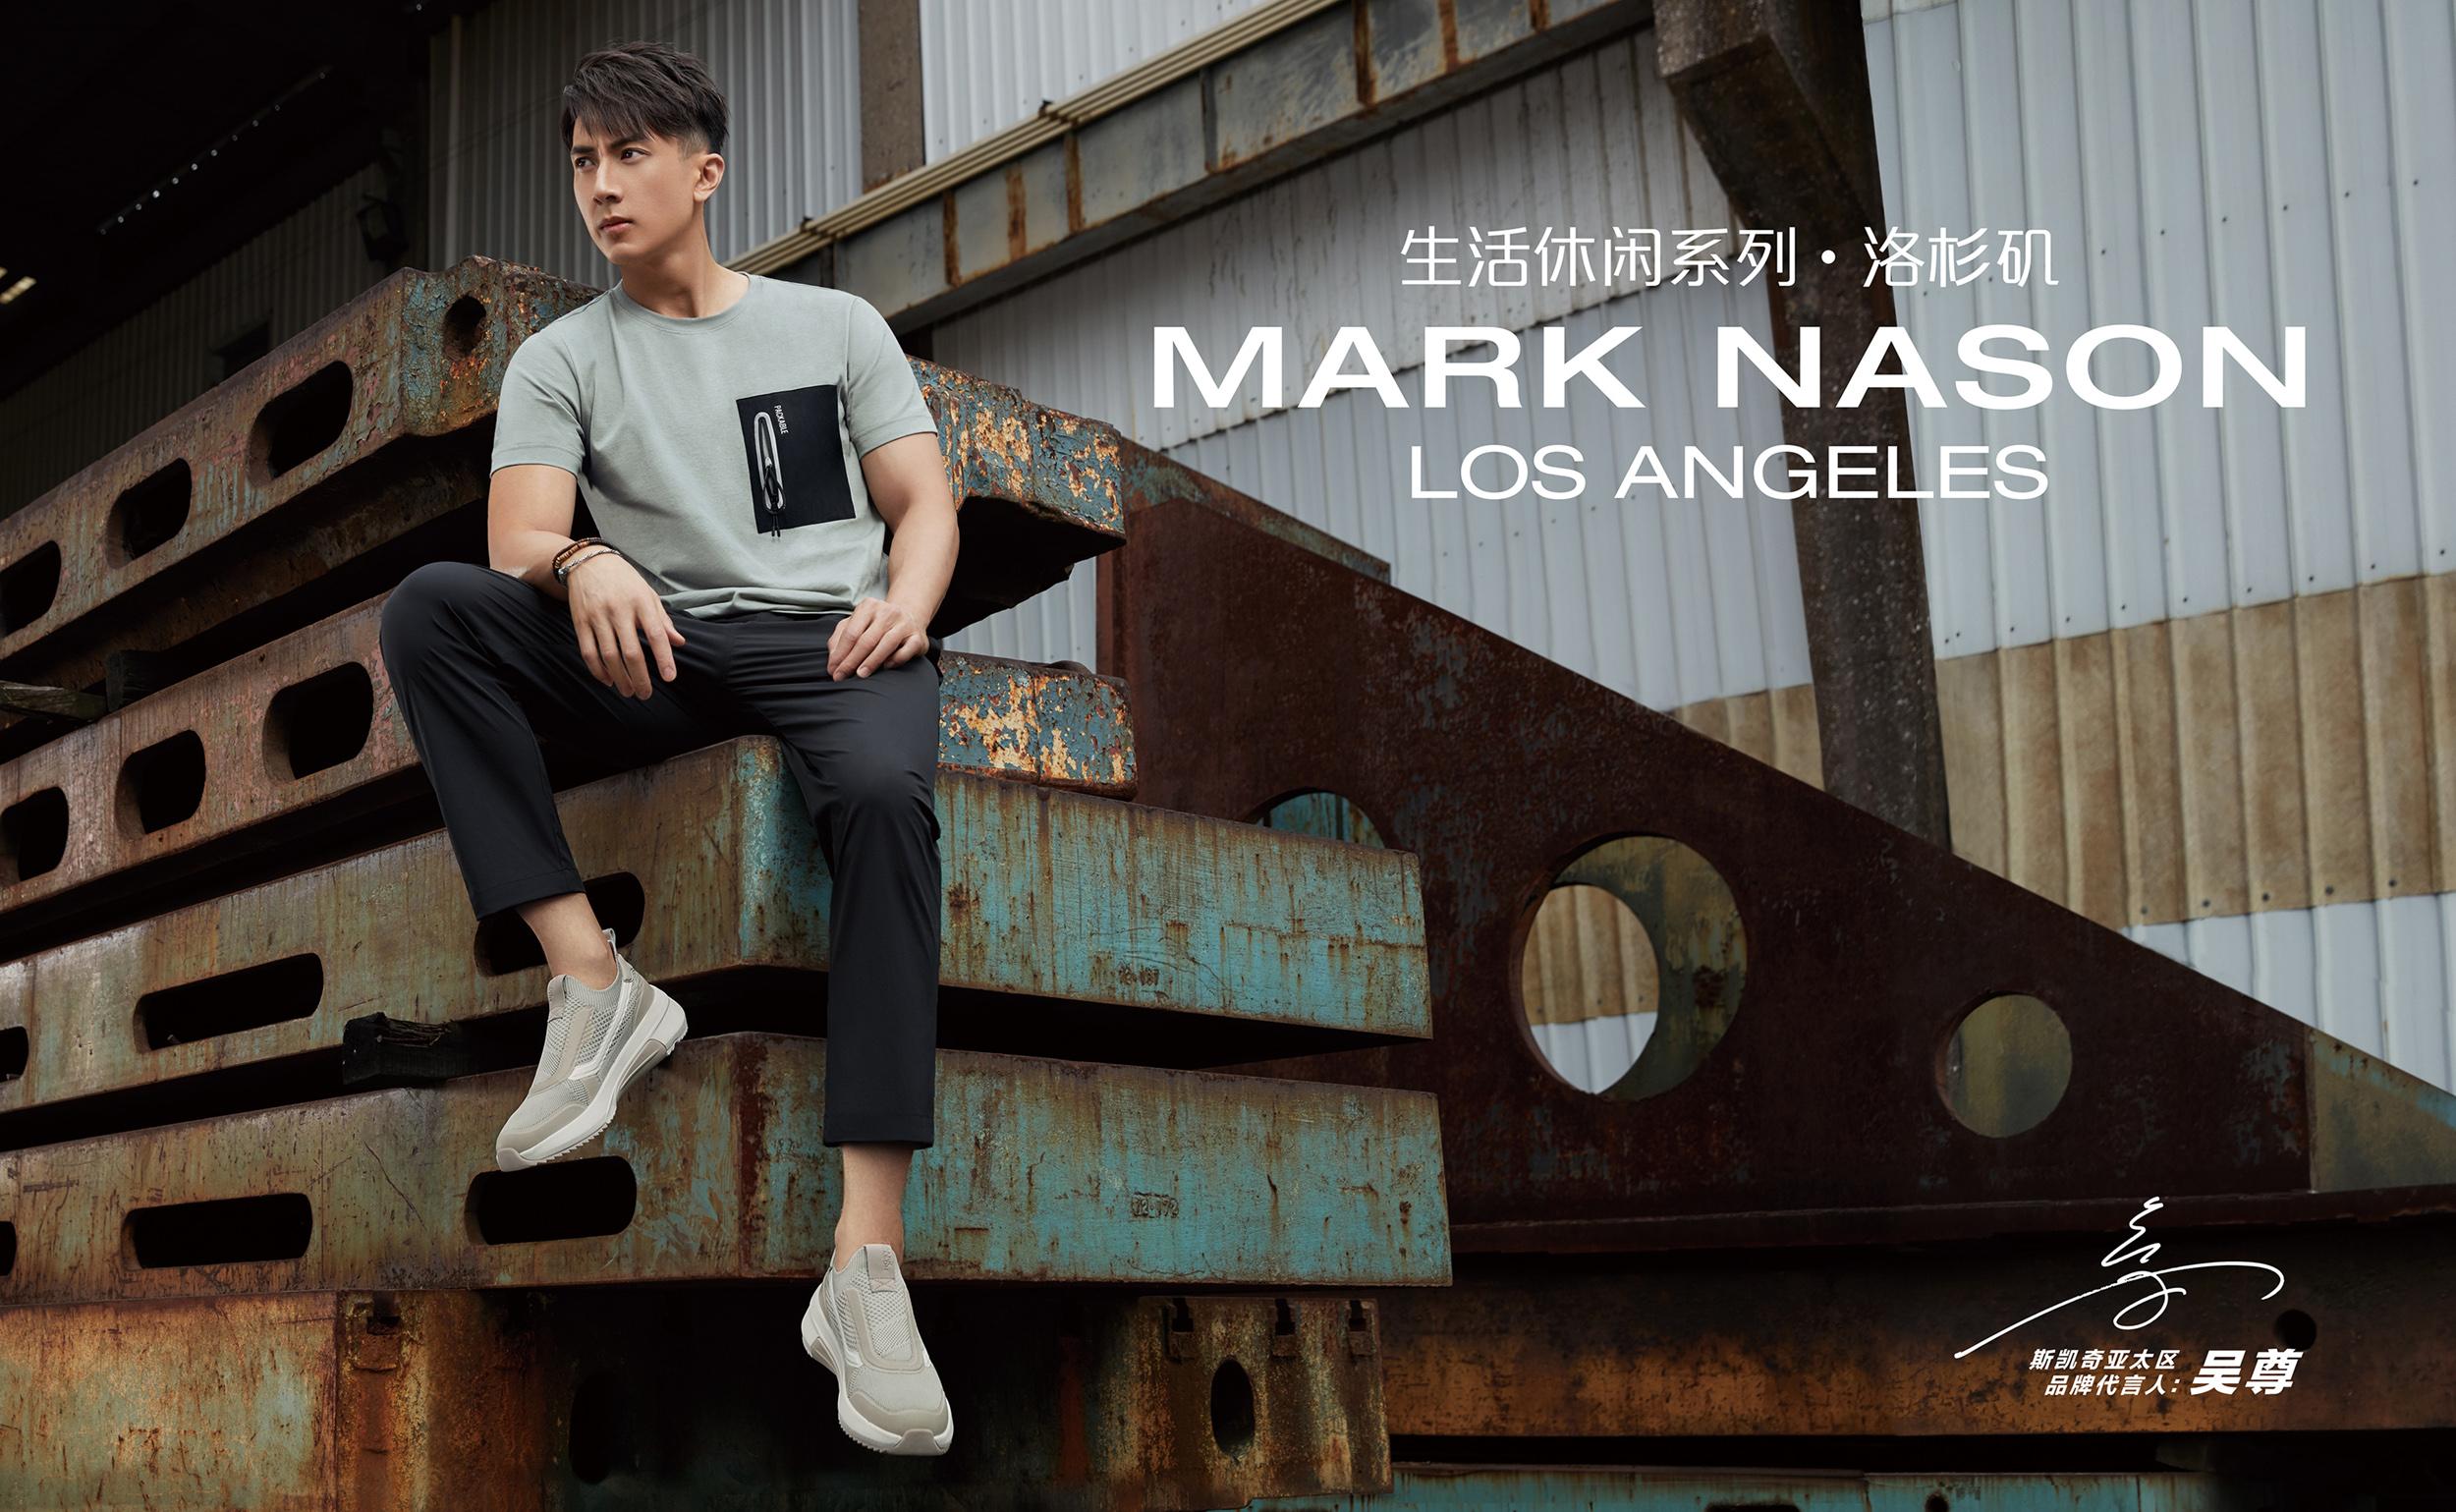 Skechers_2019Q3Q4_MarkNason_1_h